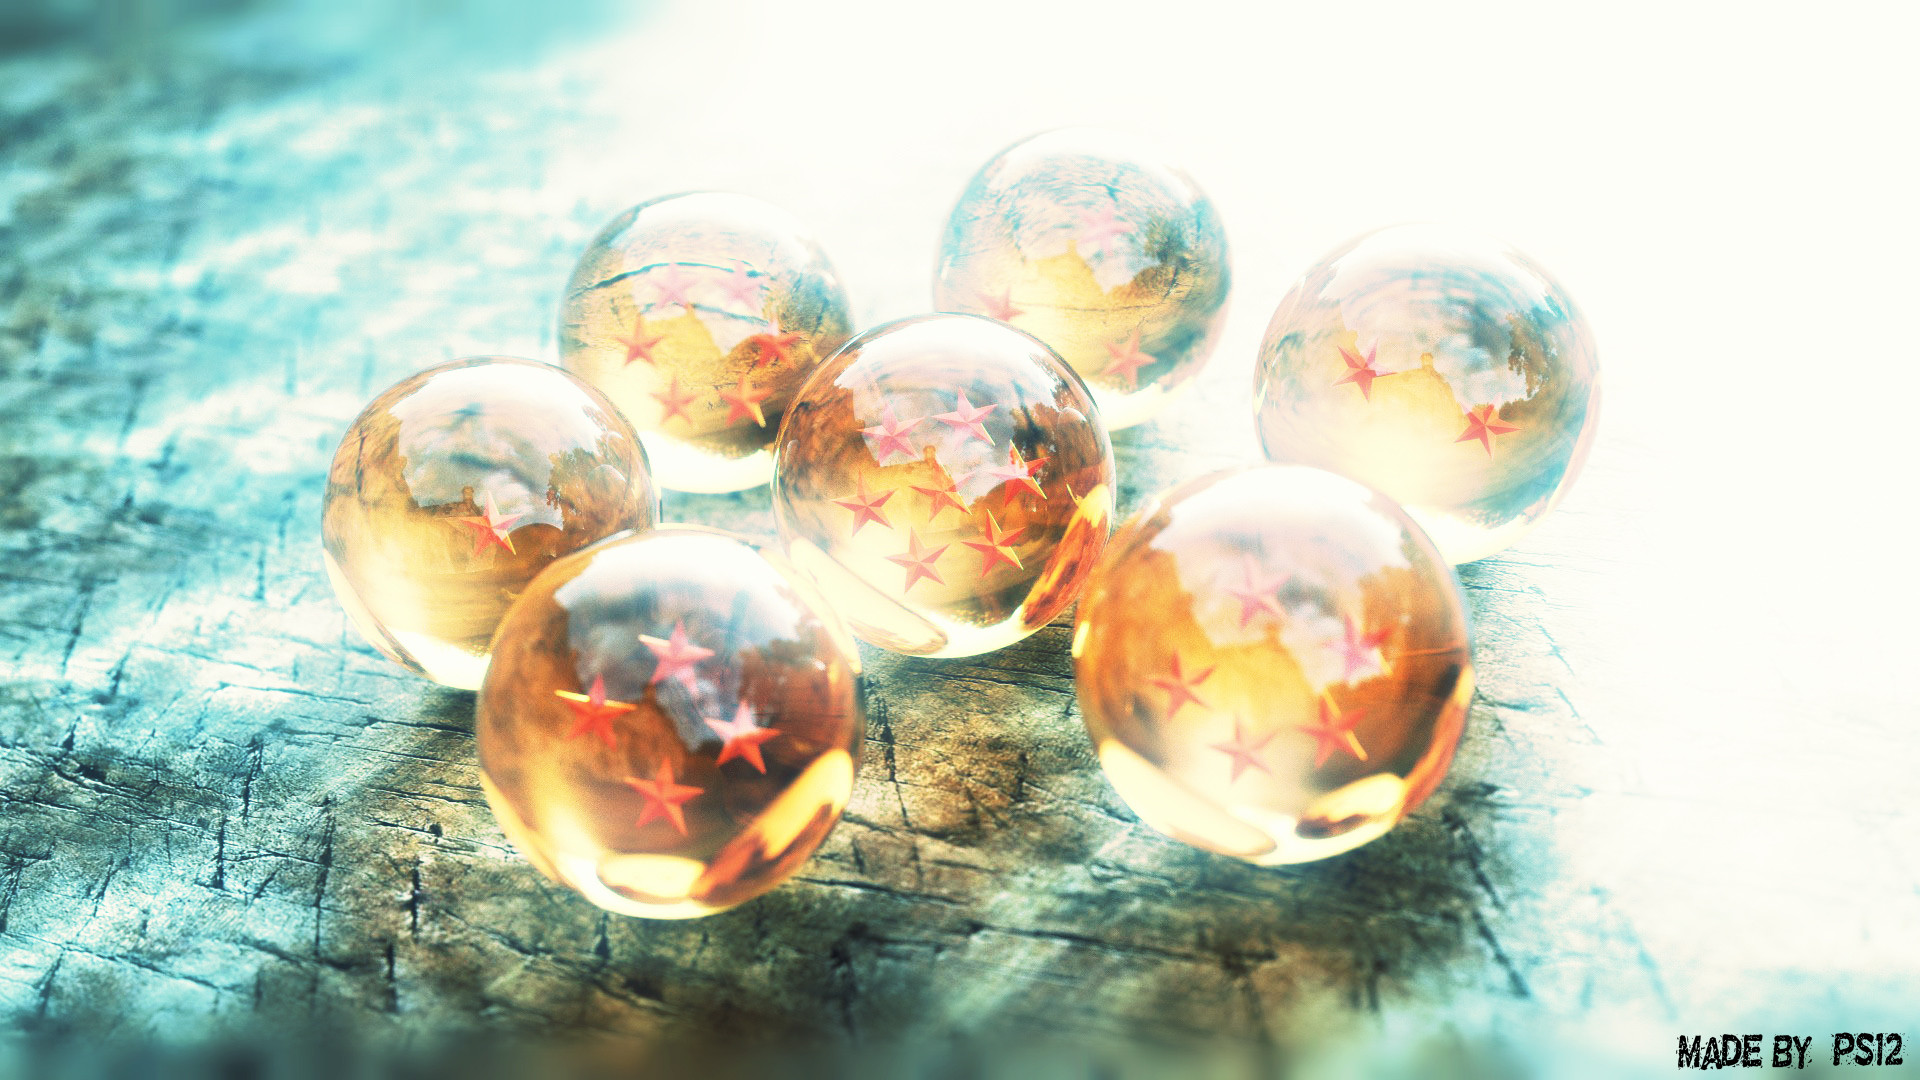 dragon ball z wallpapers light. Â«Â«